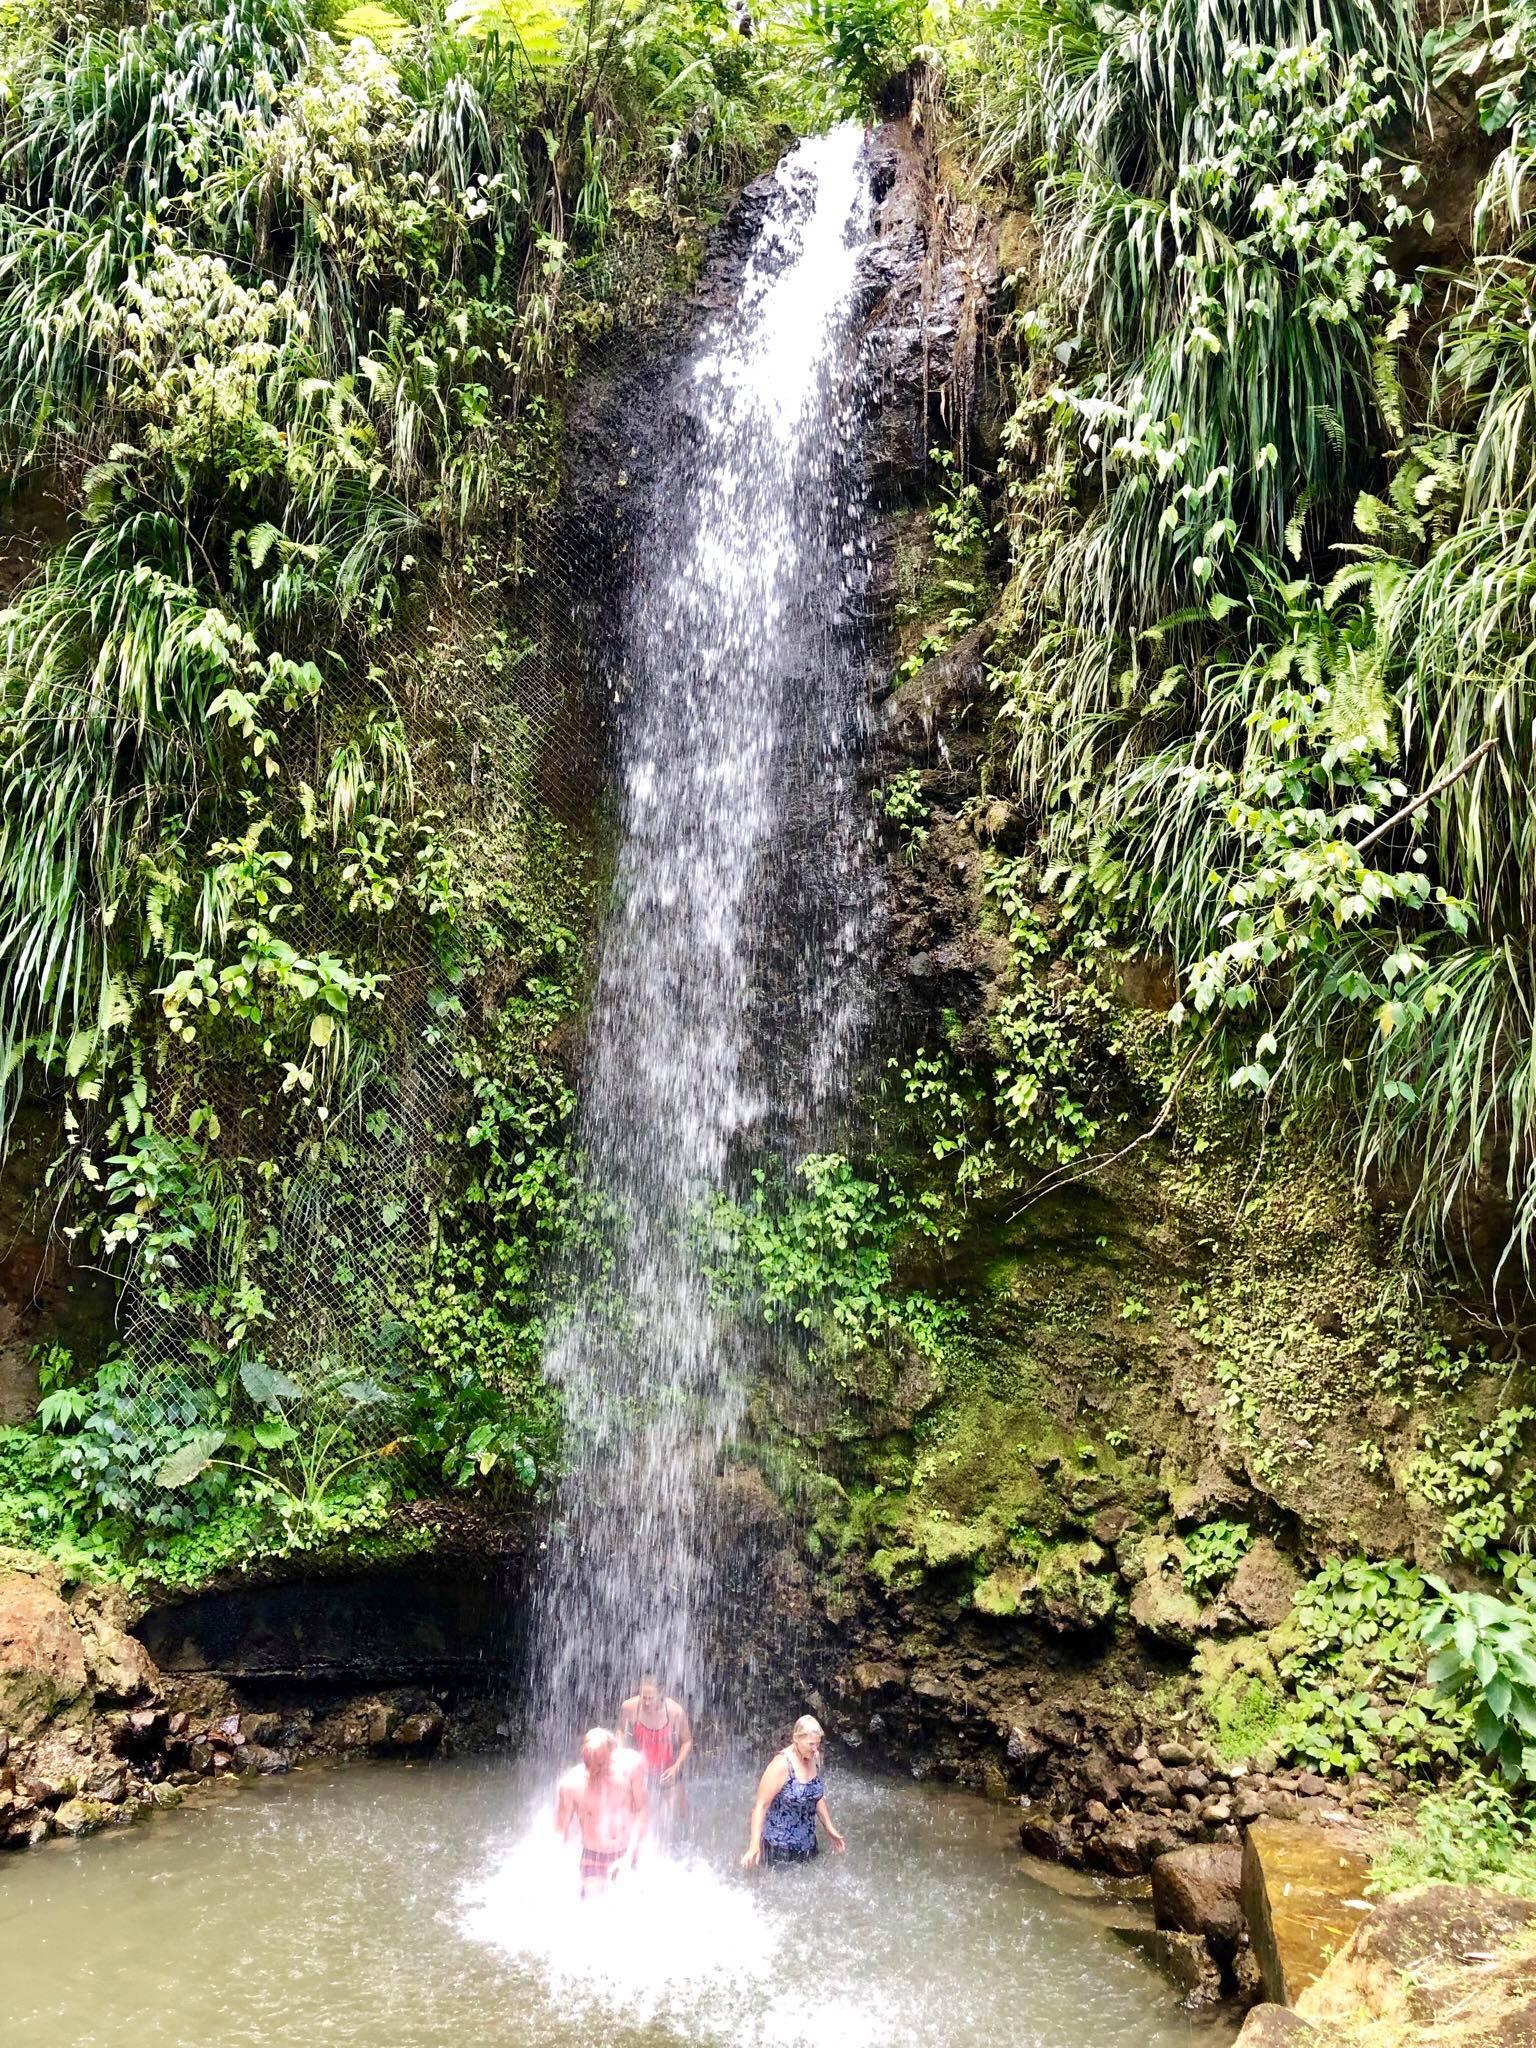 Kach Solo Travels in 2019 Beautiful St Lucia16.jpg